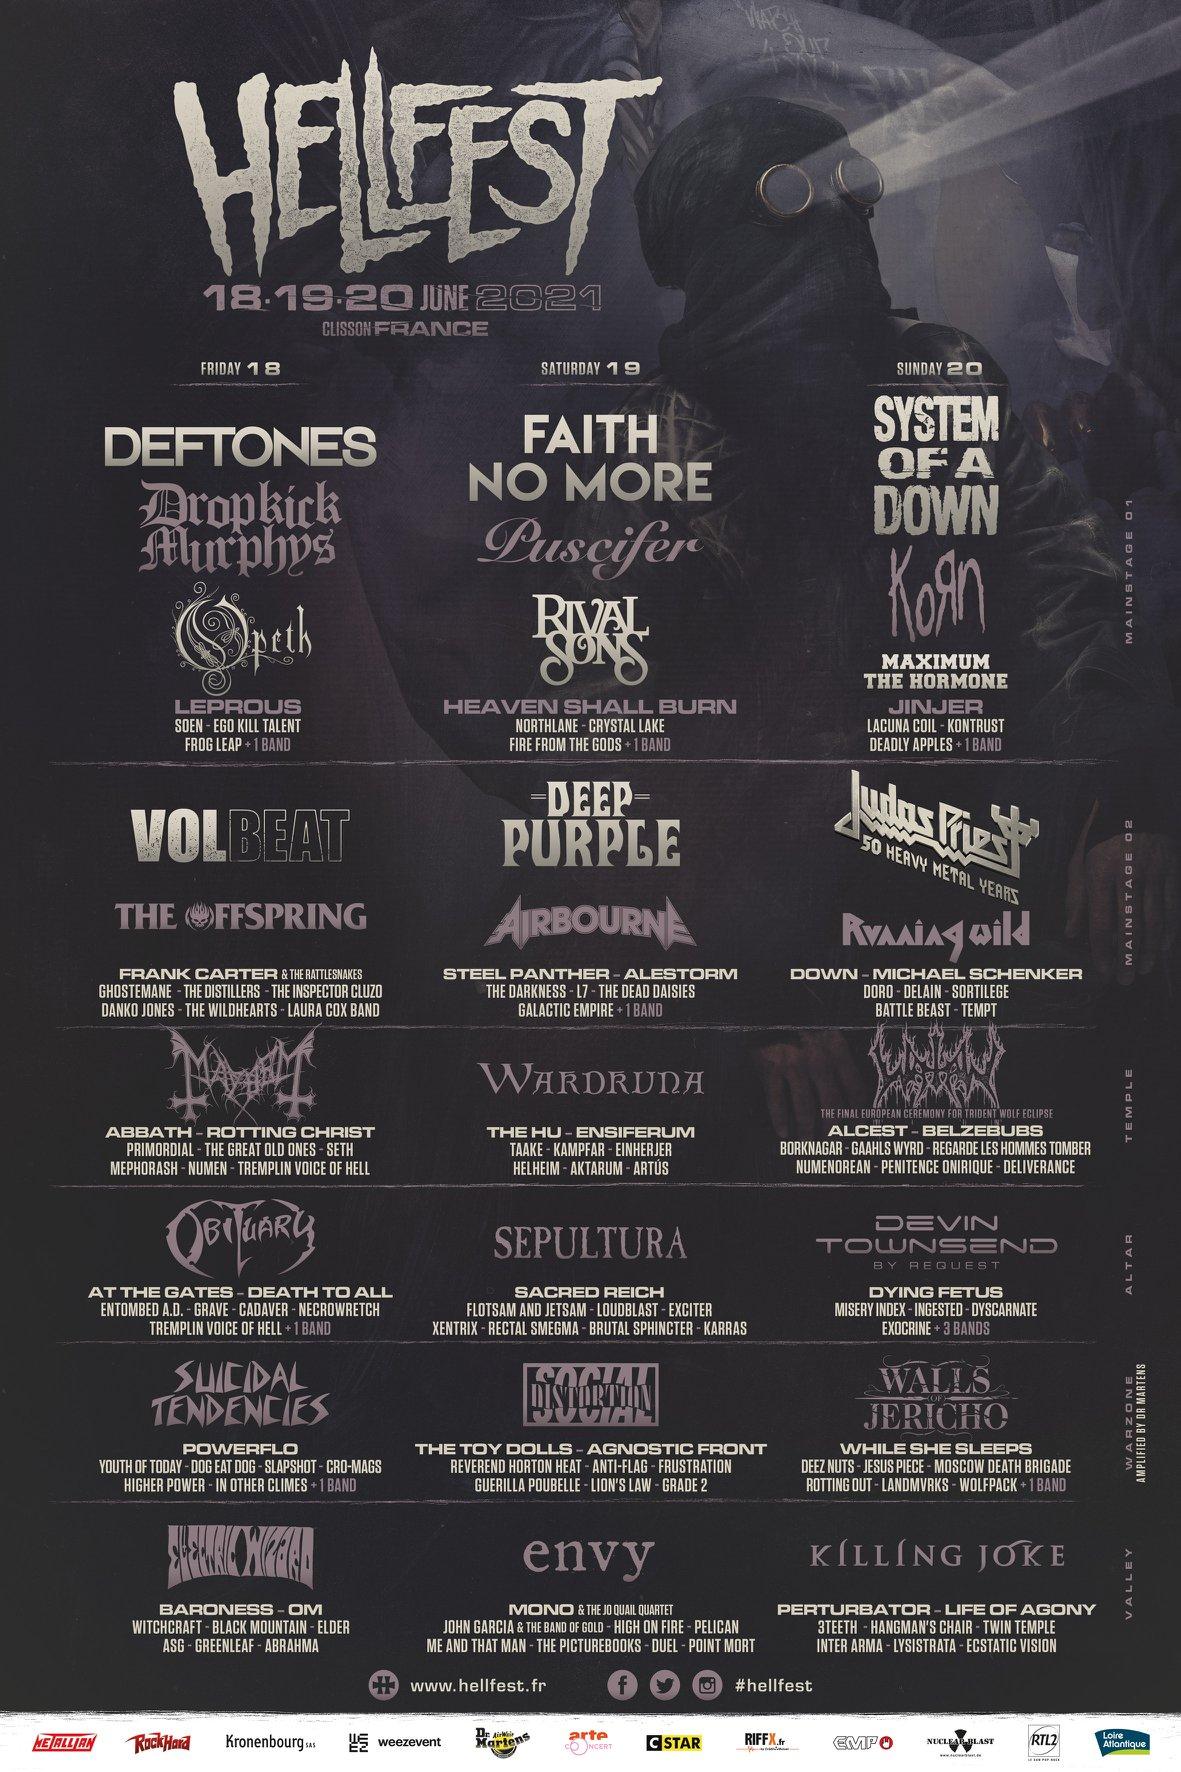 Affiche du Hellfest 2021